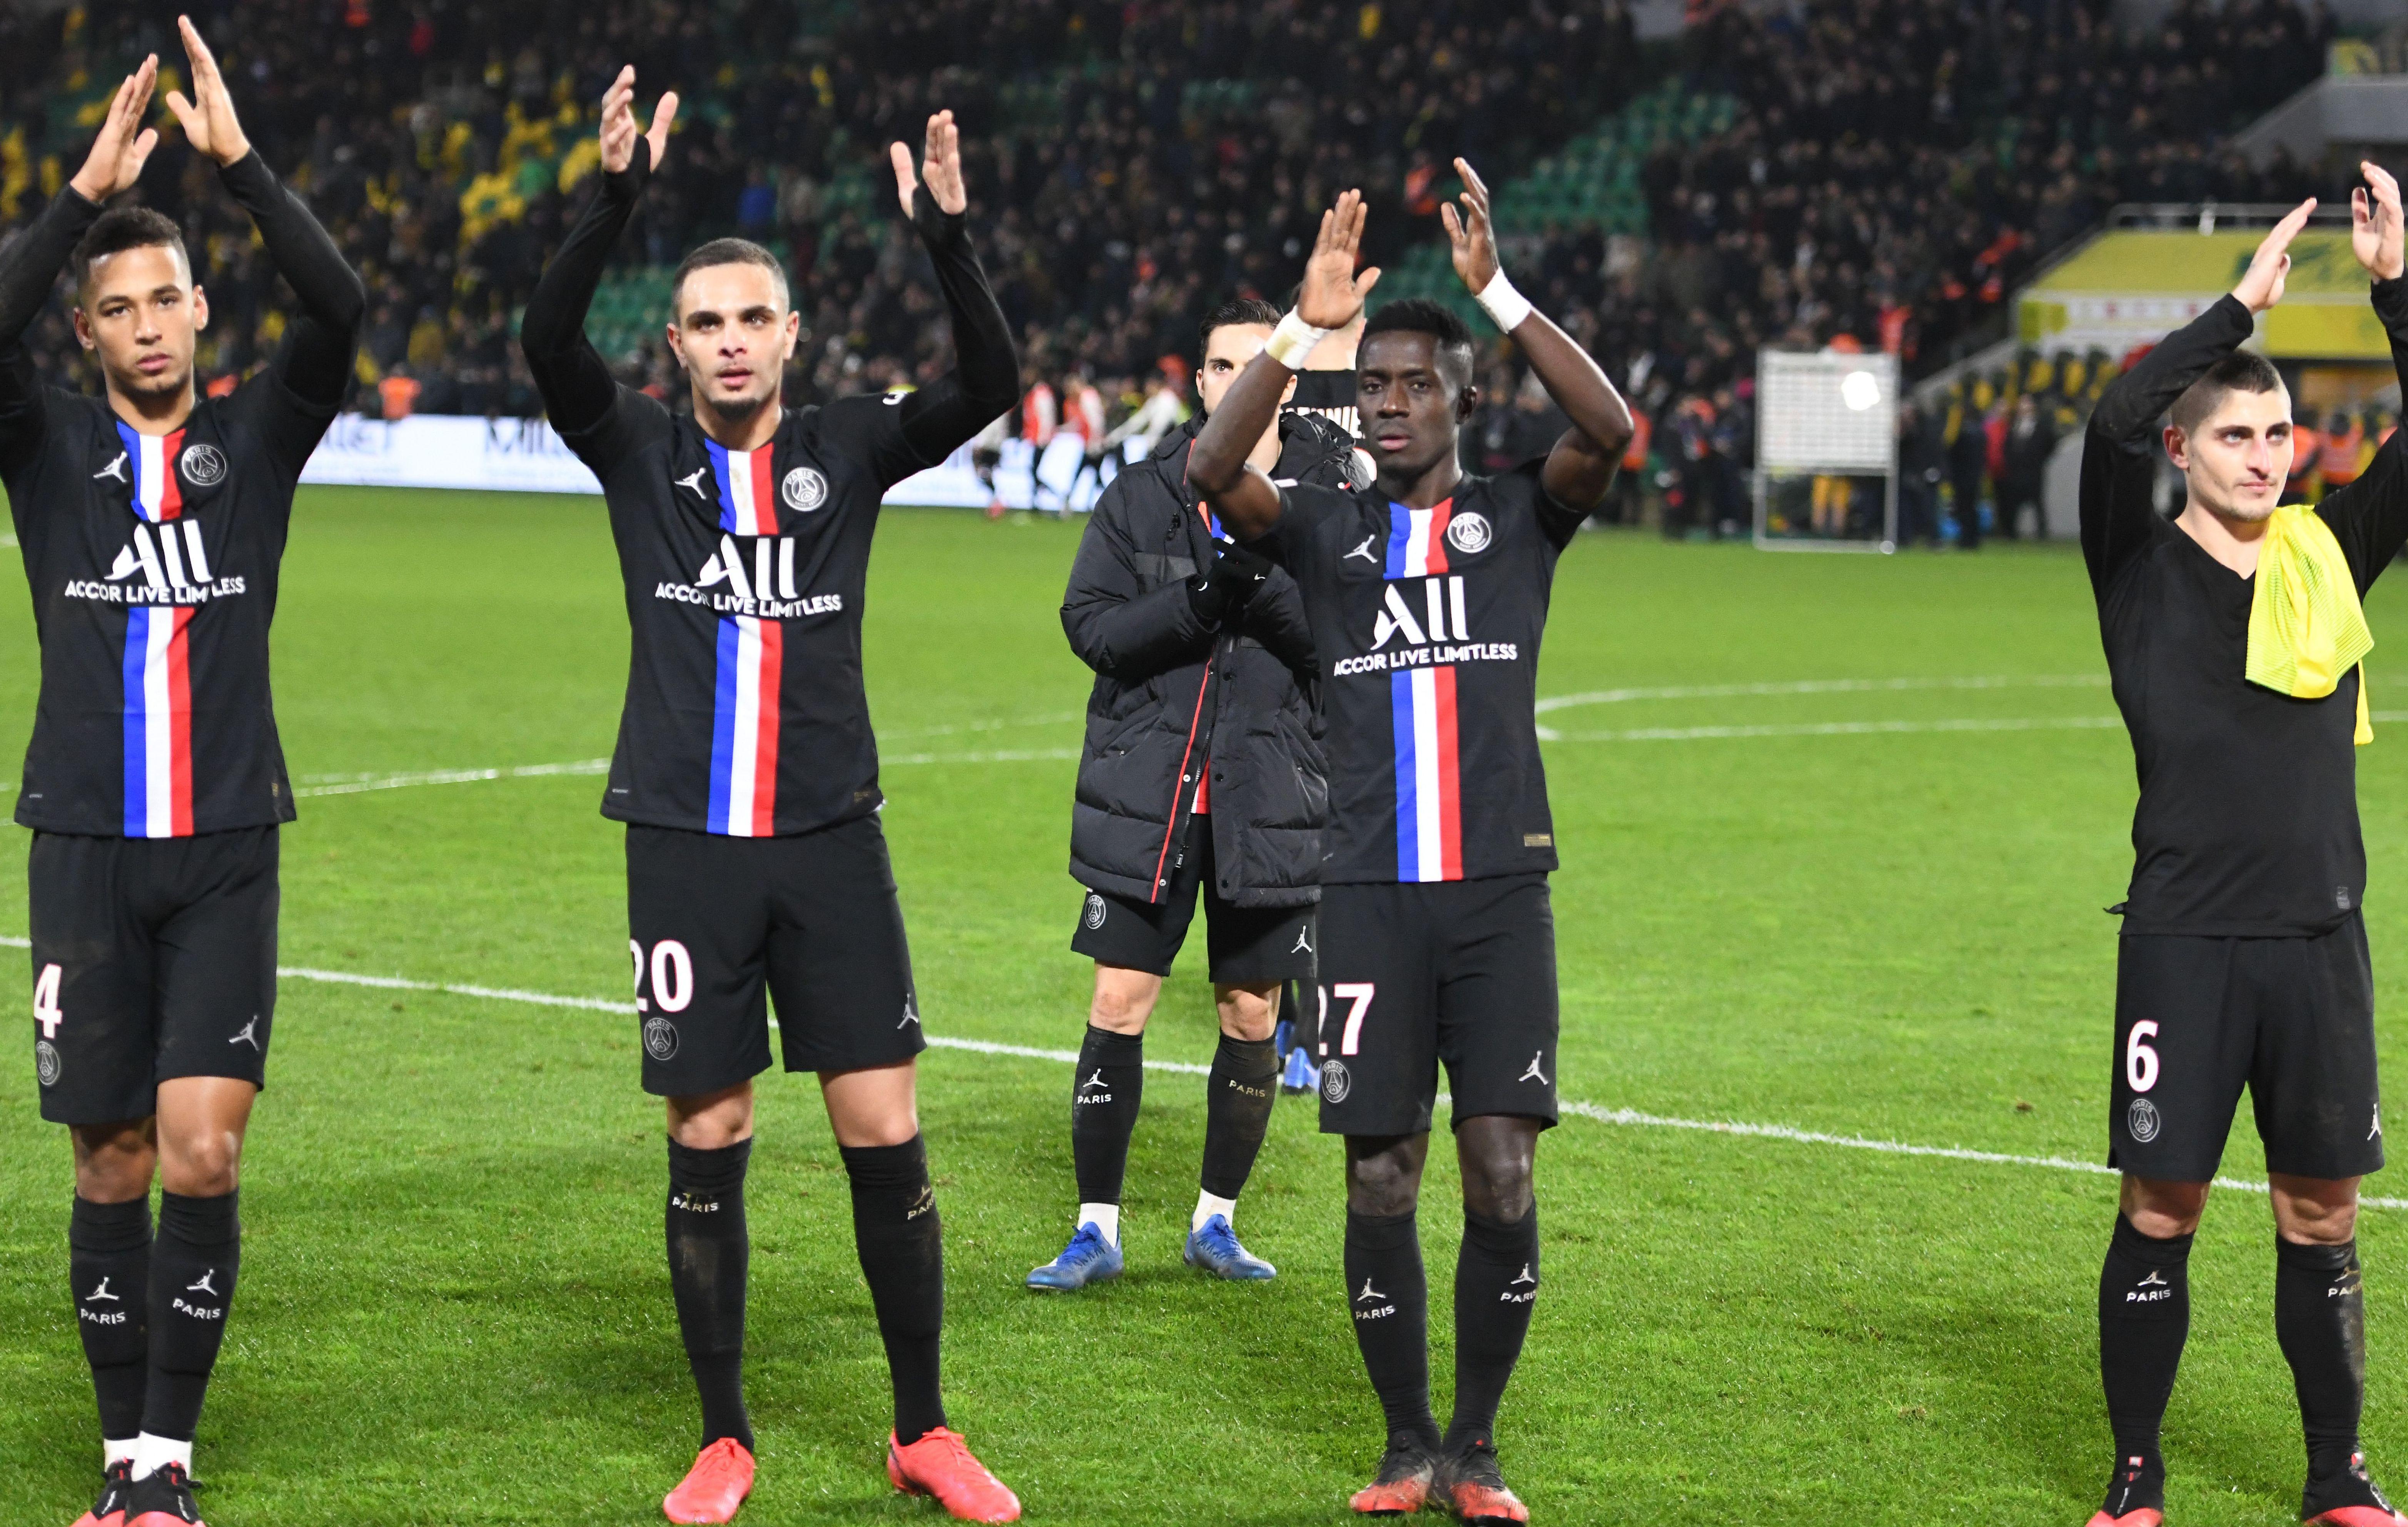 Football - Ligue 1 - PSG, Rémy, Fofana : le debrief stats de la 23ème journée de L1